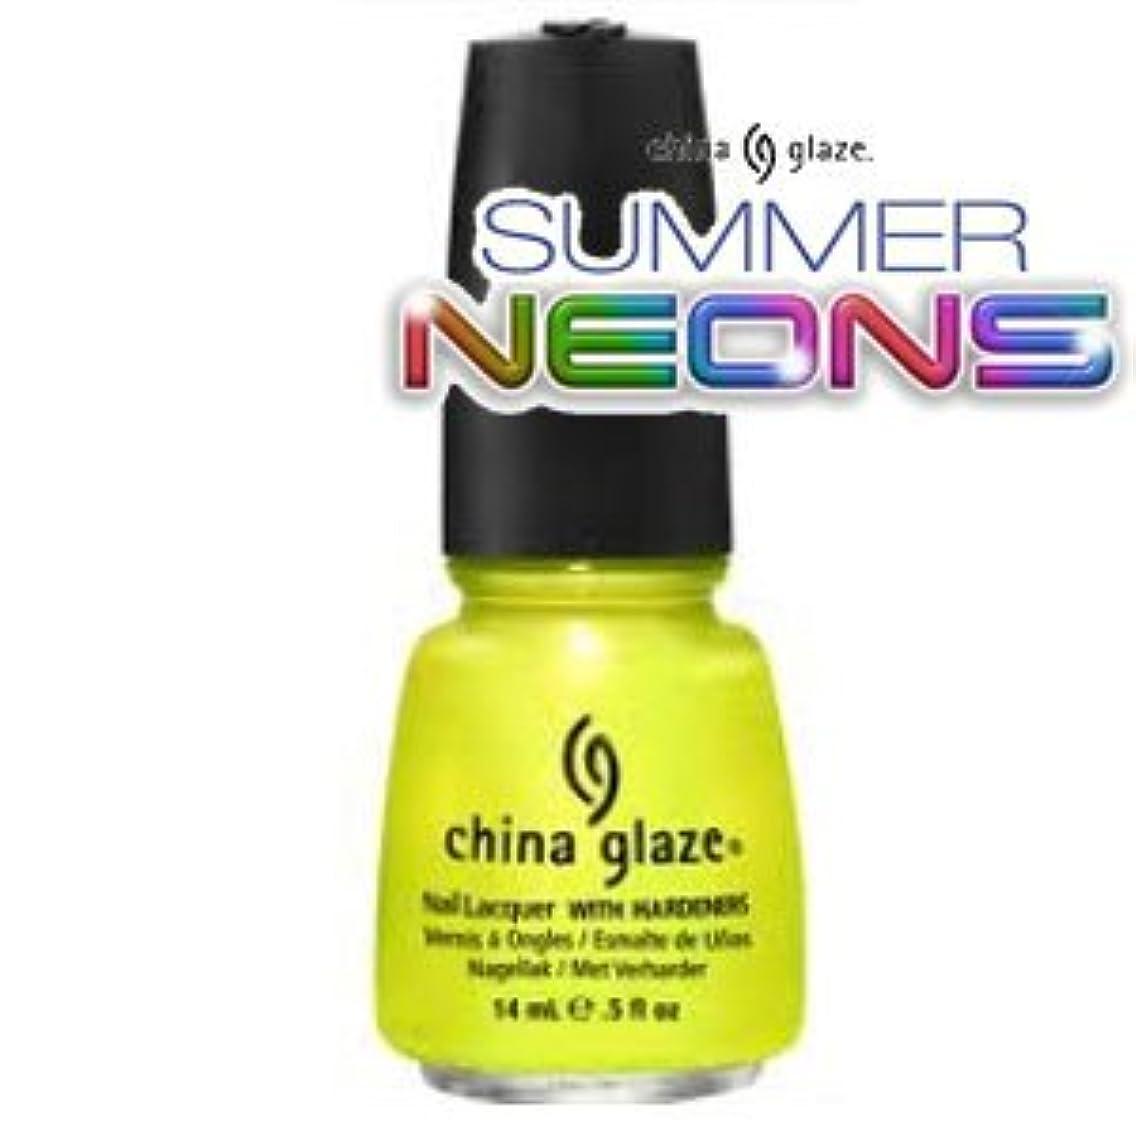 エキサイティングくショッピングセンター(チャイナグレイズ)China Glaze Sun Kissedーサマーネオン コレクション [海外直送品][並行輸入品]